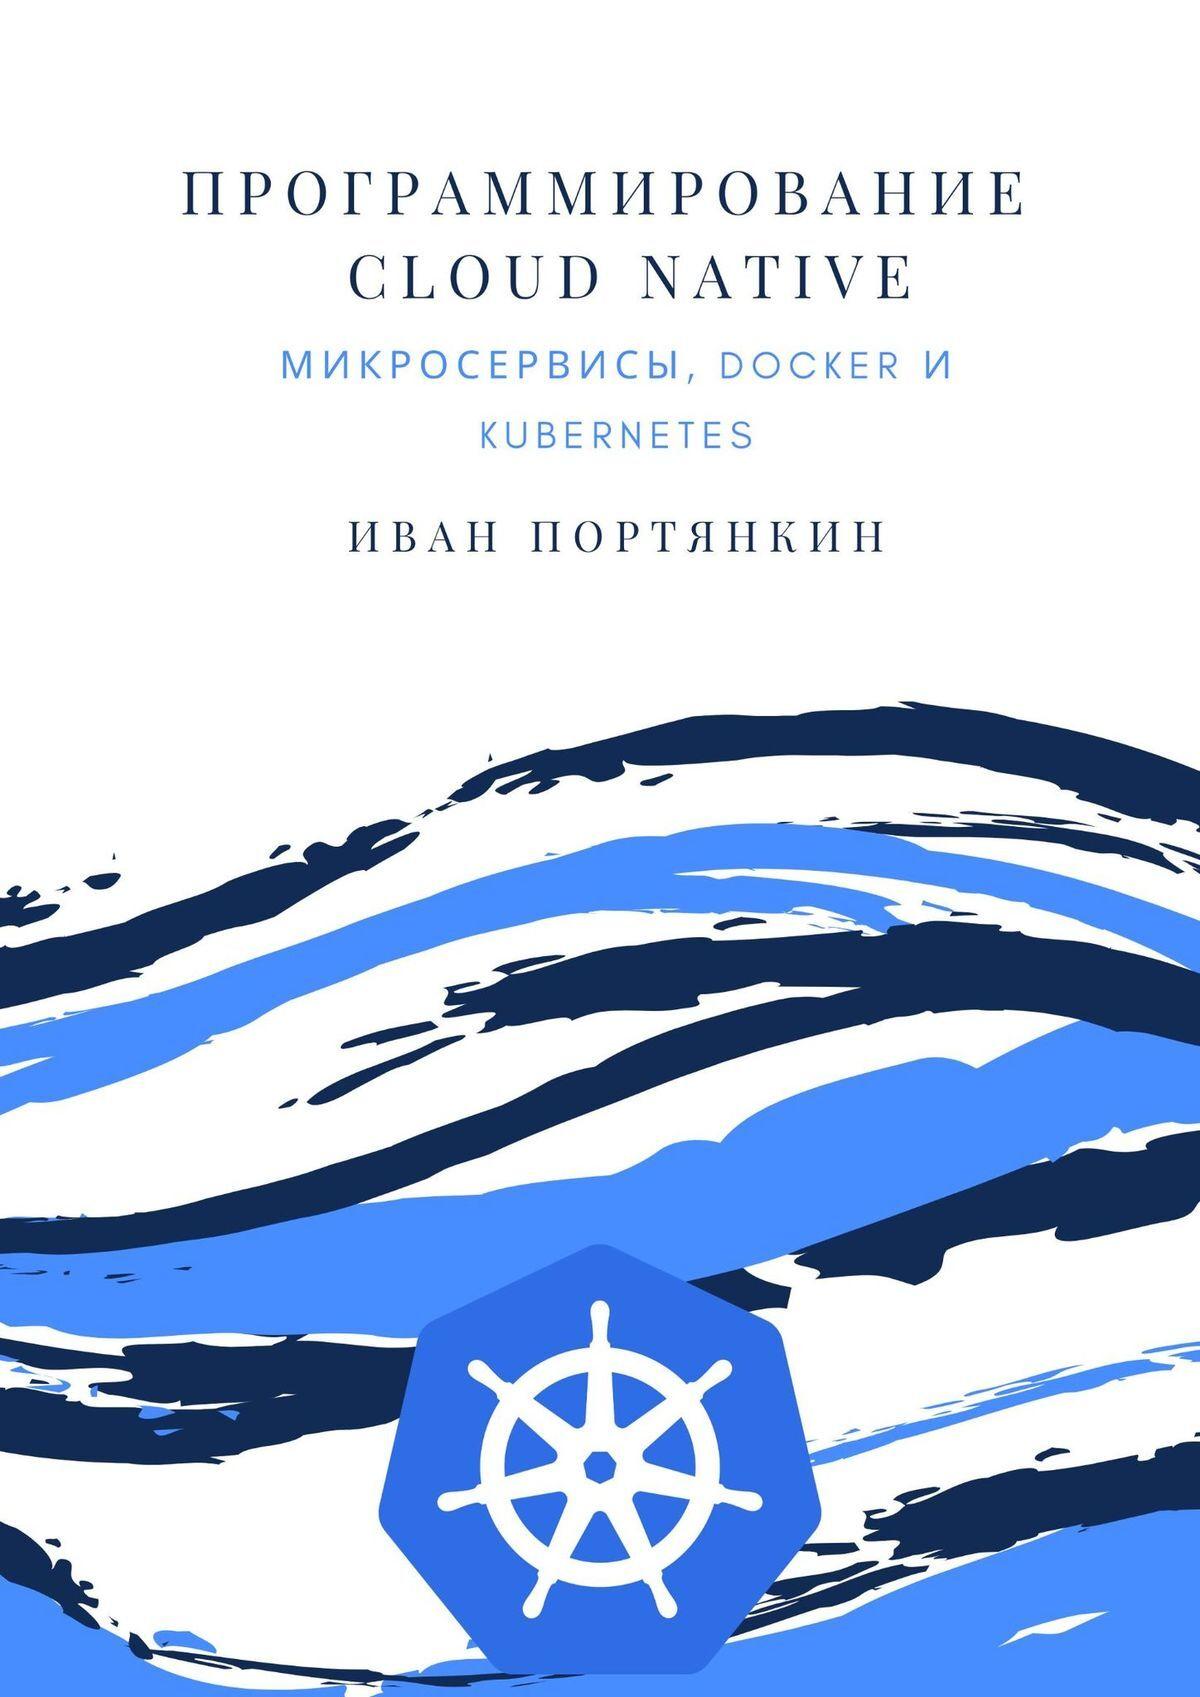 Иван Портянкин Программирование Cloud Native. Микросервисы, Docker иKubernetes